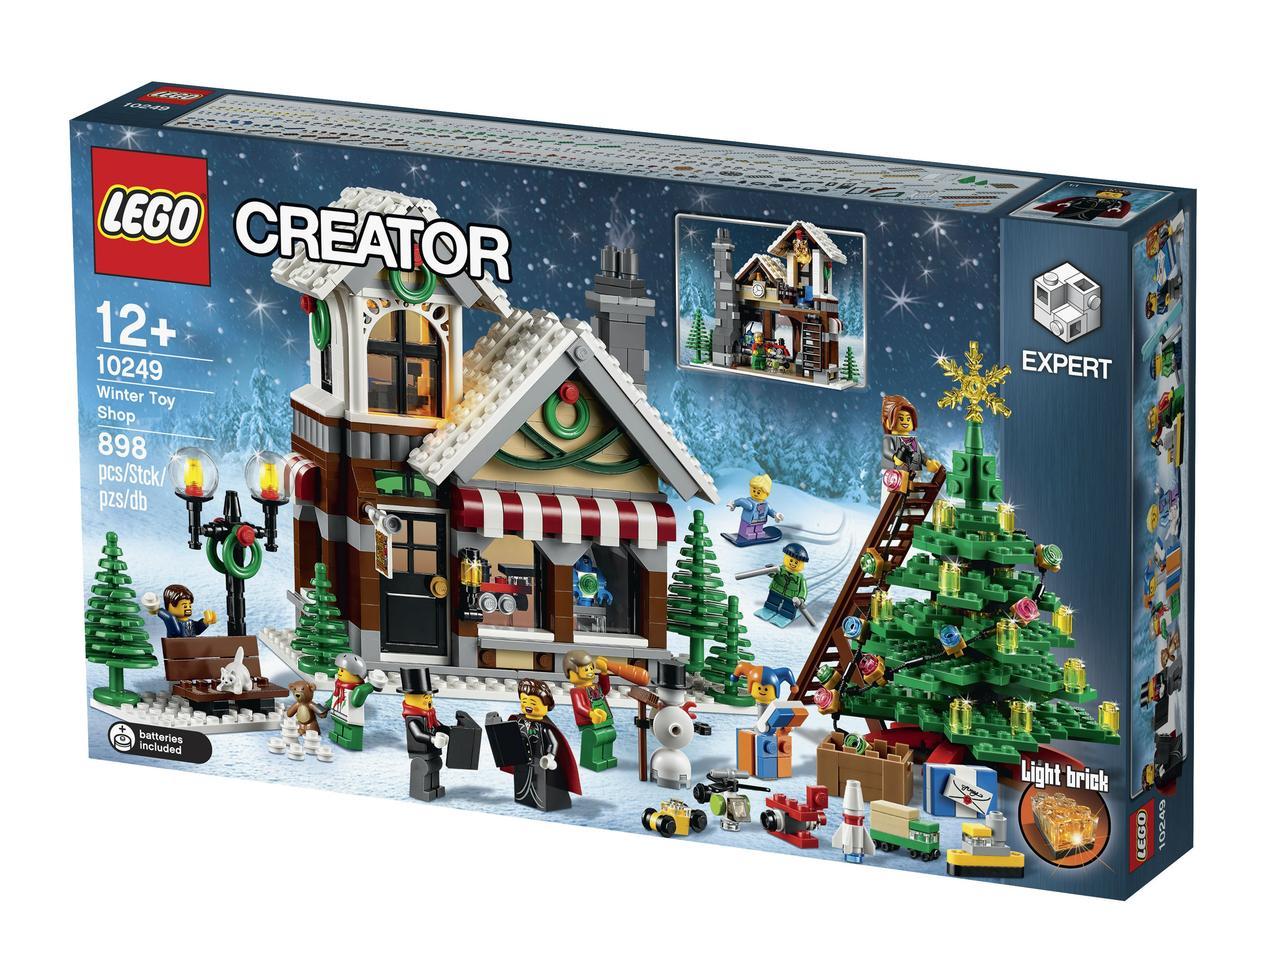 10249 Lego Creator Зимний Магазин Игрушек